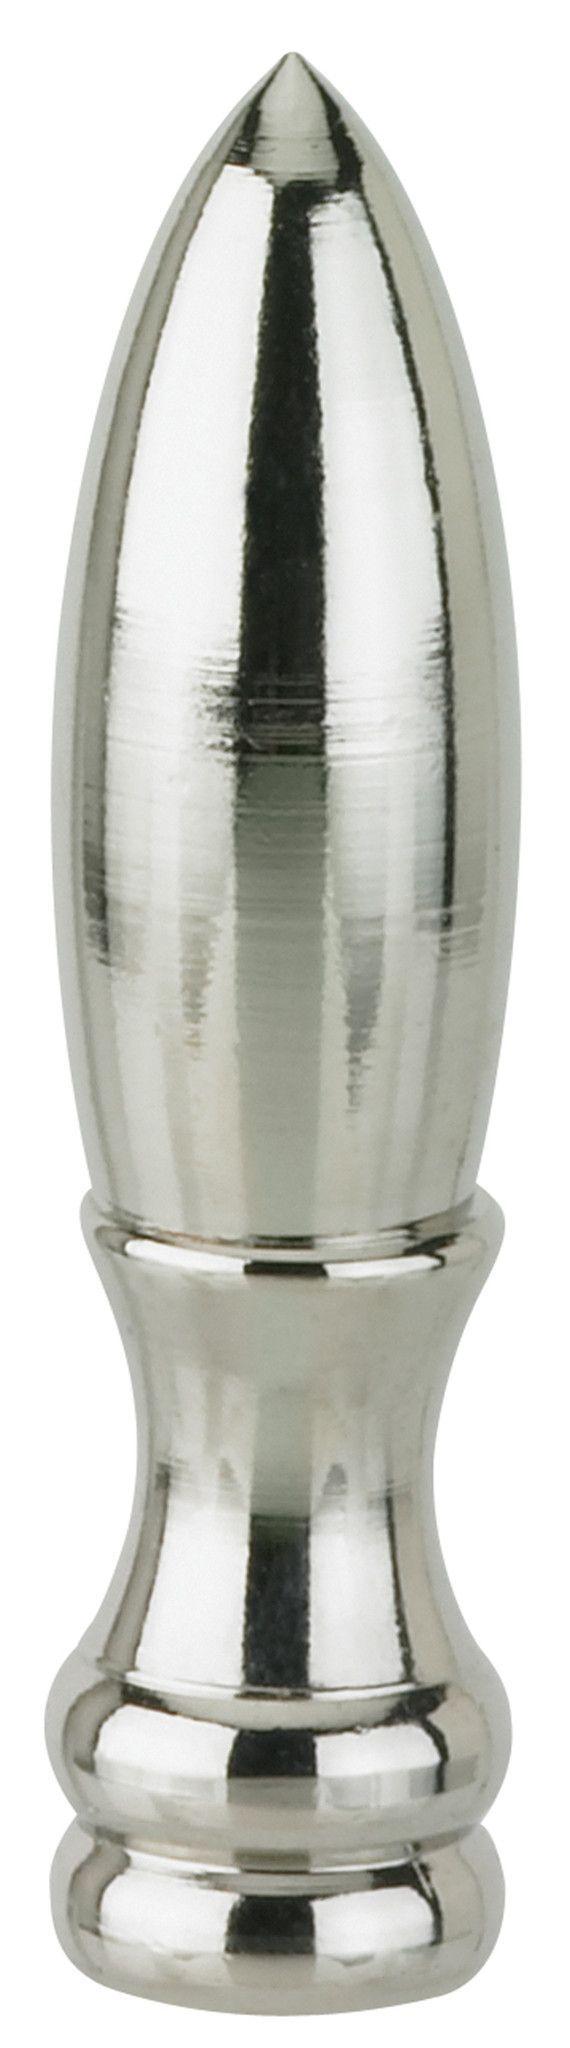 Finial Lamp Nickel